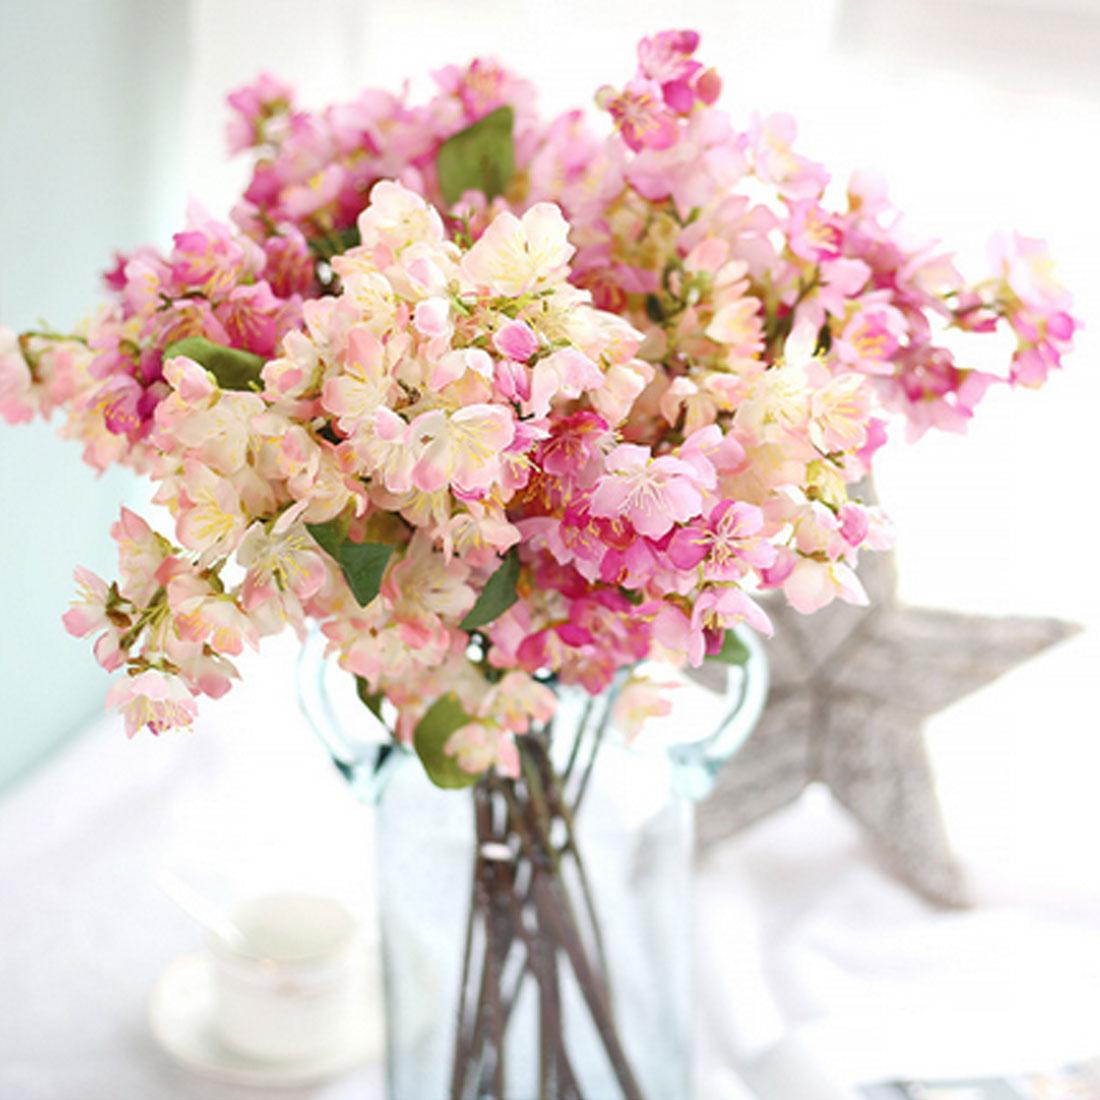 Flores falsas japonês sakura flor artificial flor de cerejeira alta qualidade buquê desejando árvore casamento decoração de festa em casa